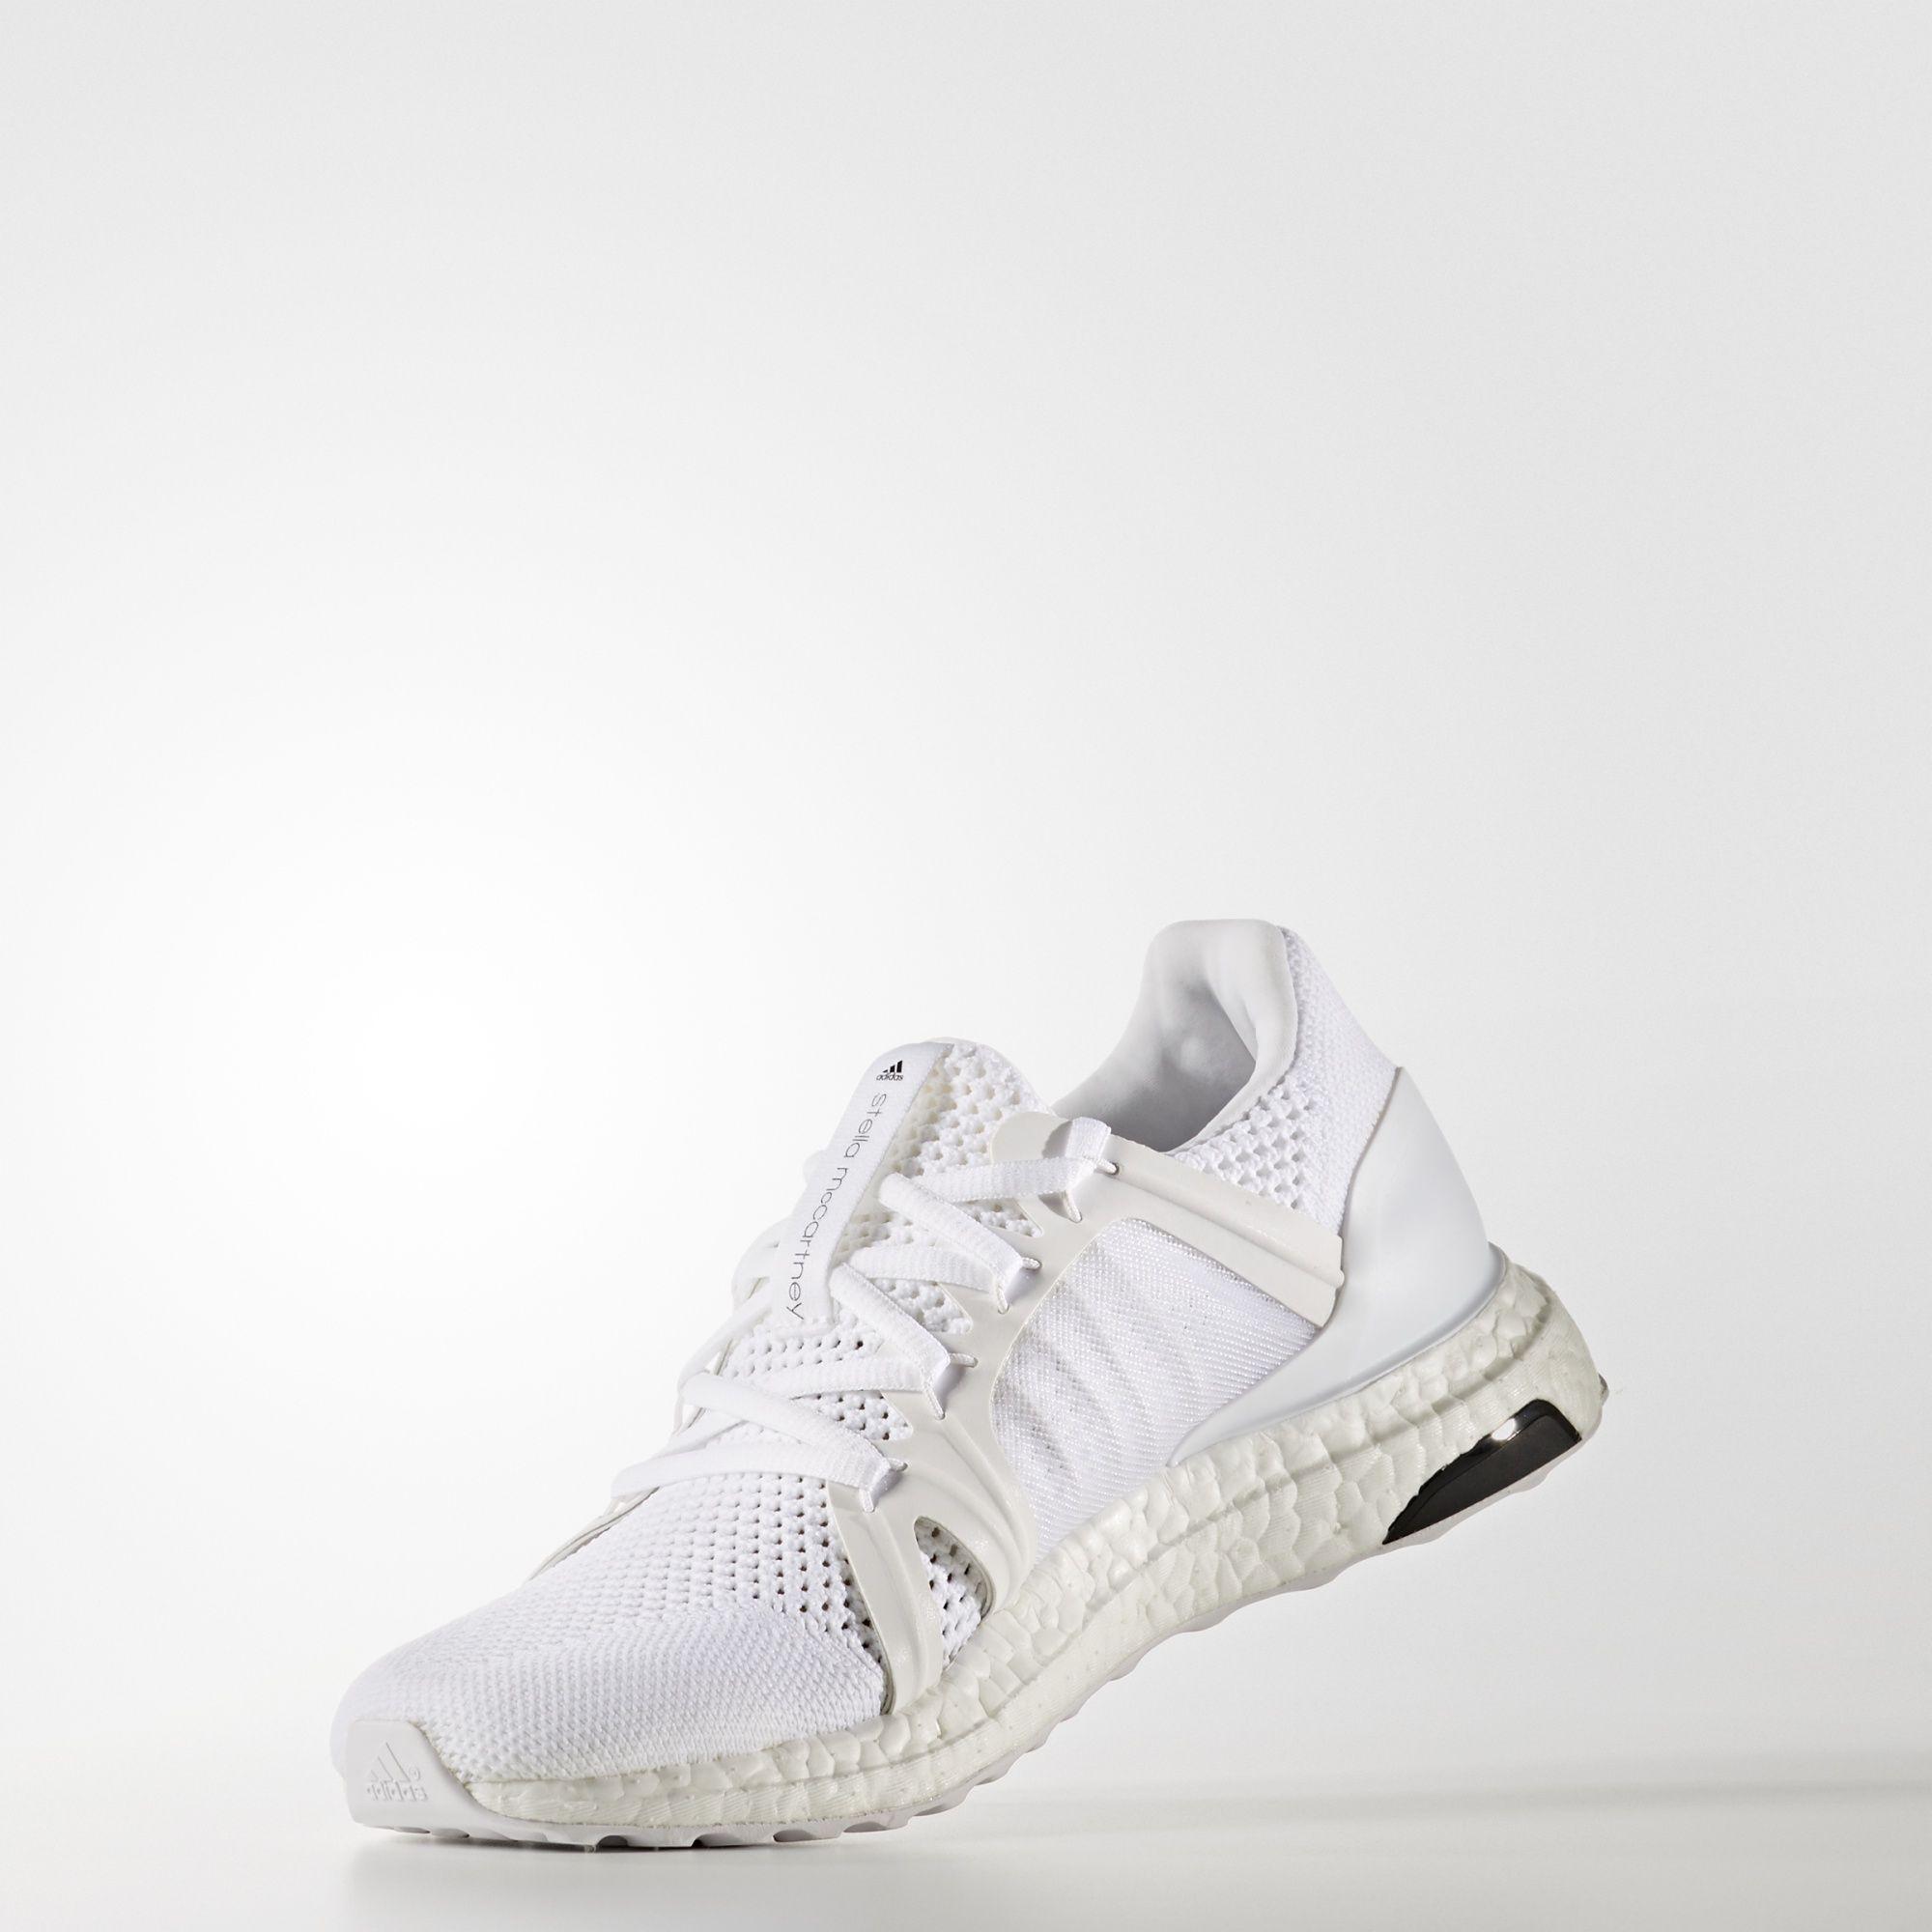 dbddd3c856e58 adidas UltraBOOST St Women s (Grey Teal) - Sneaker Freaker